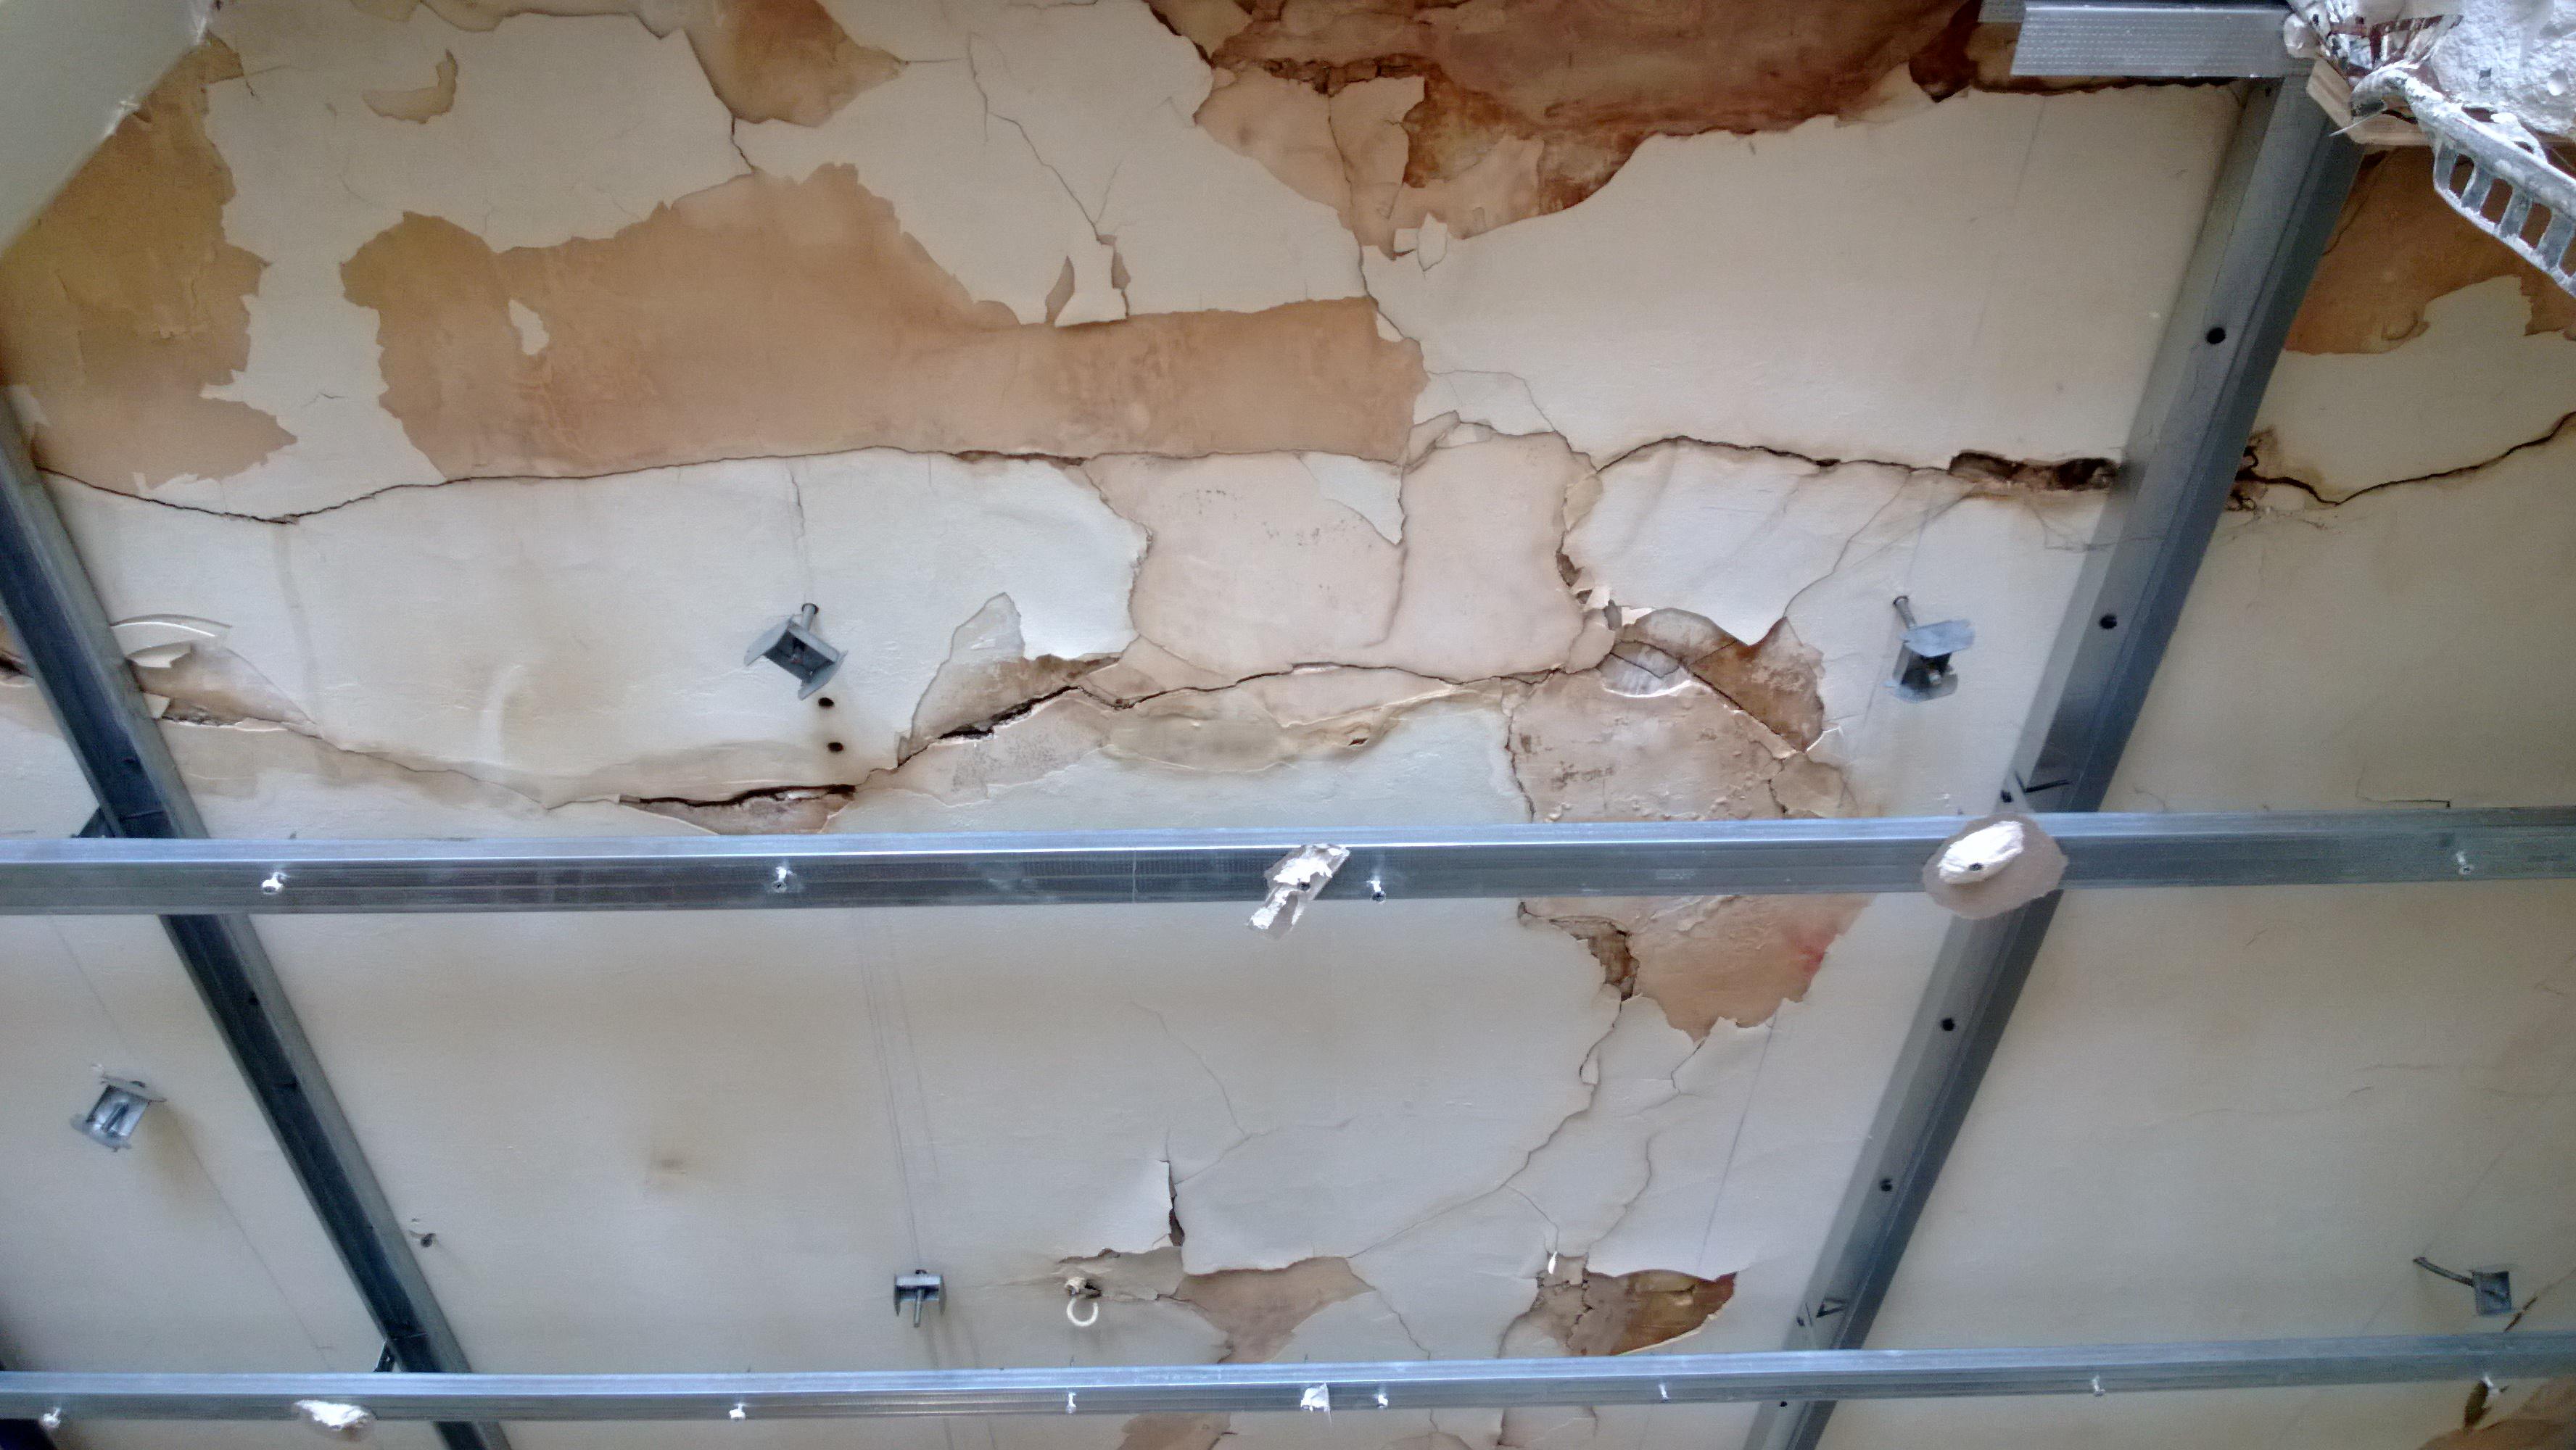 Réparer Un Plafond En Platre à chape plafond qui s'affaisse - 19 messages